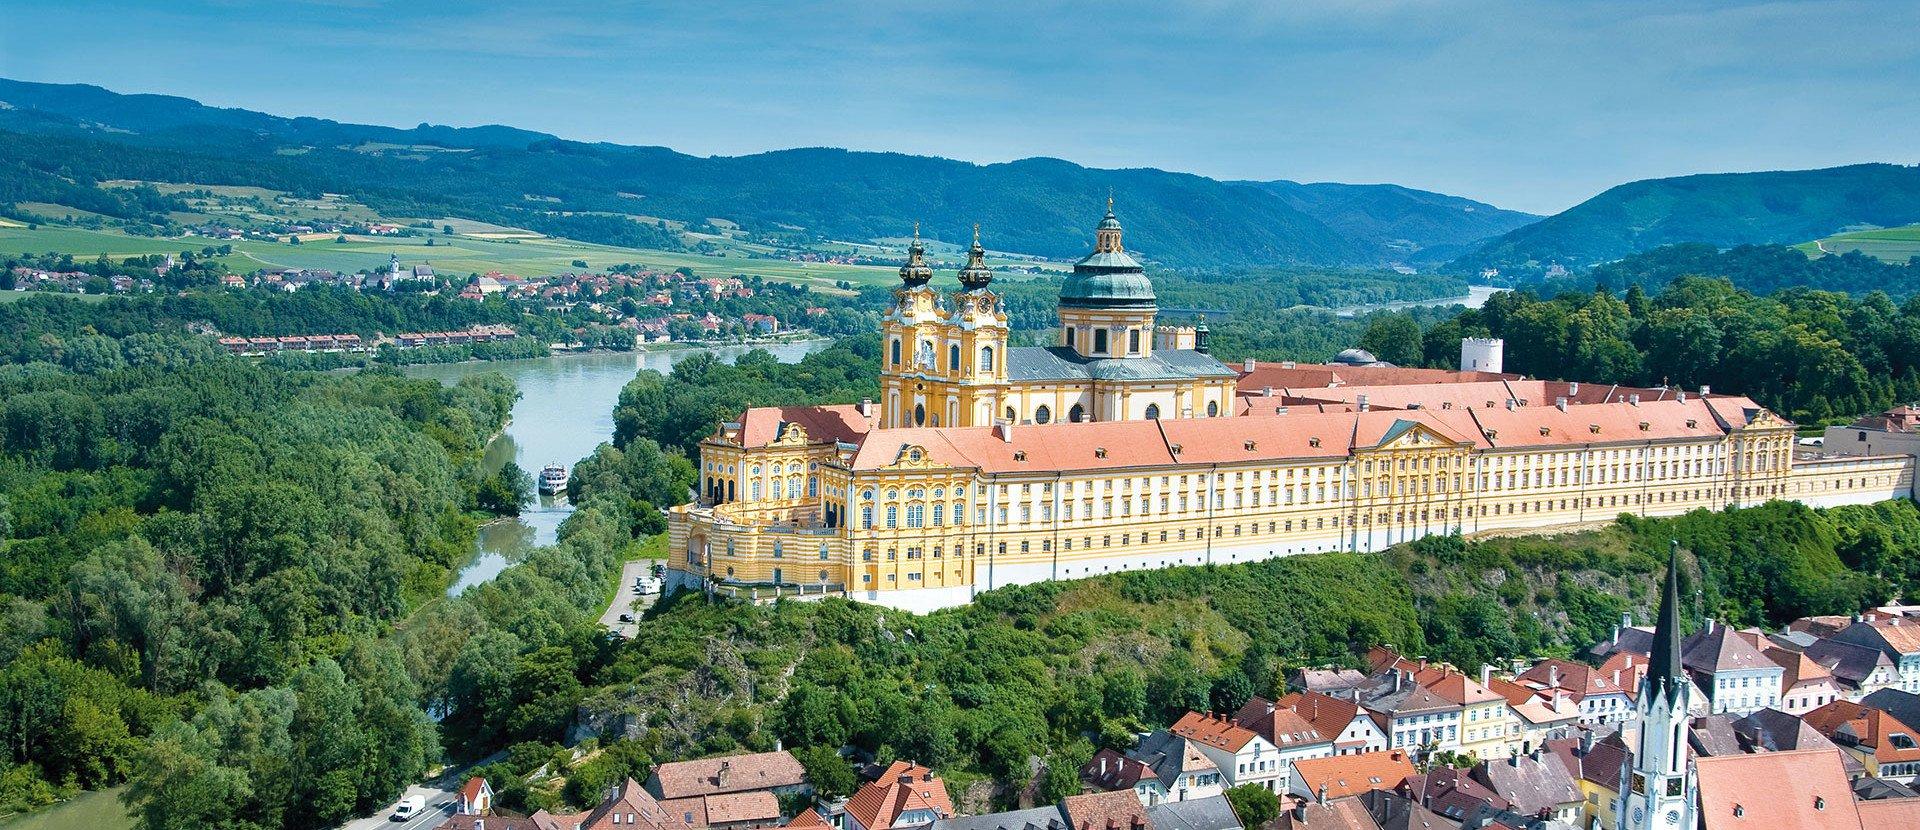 Kloster Melk in Österreich